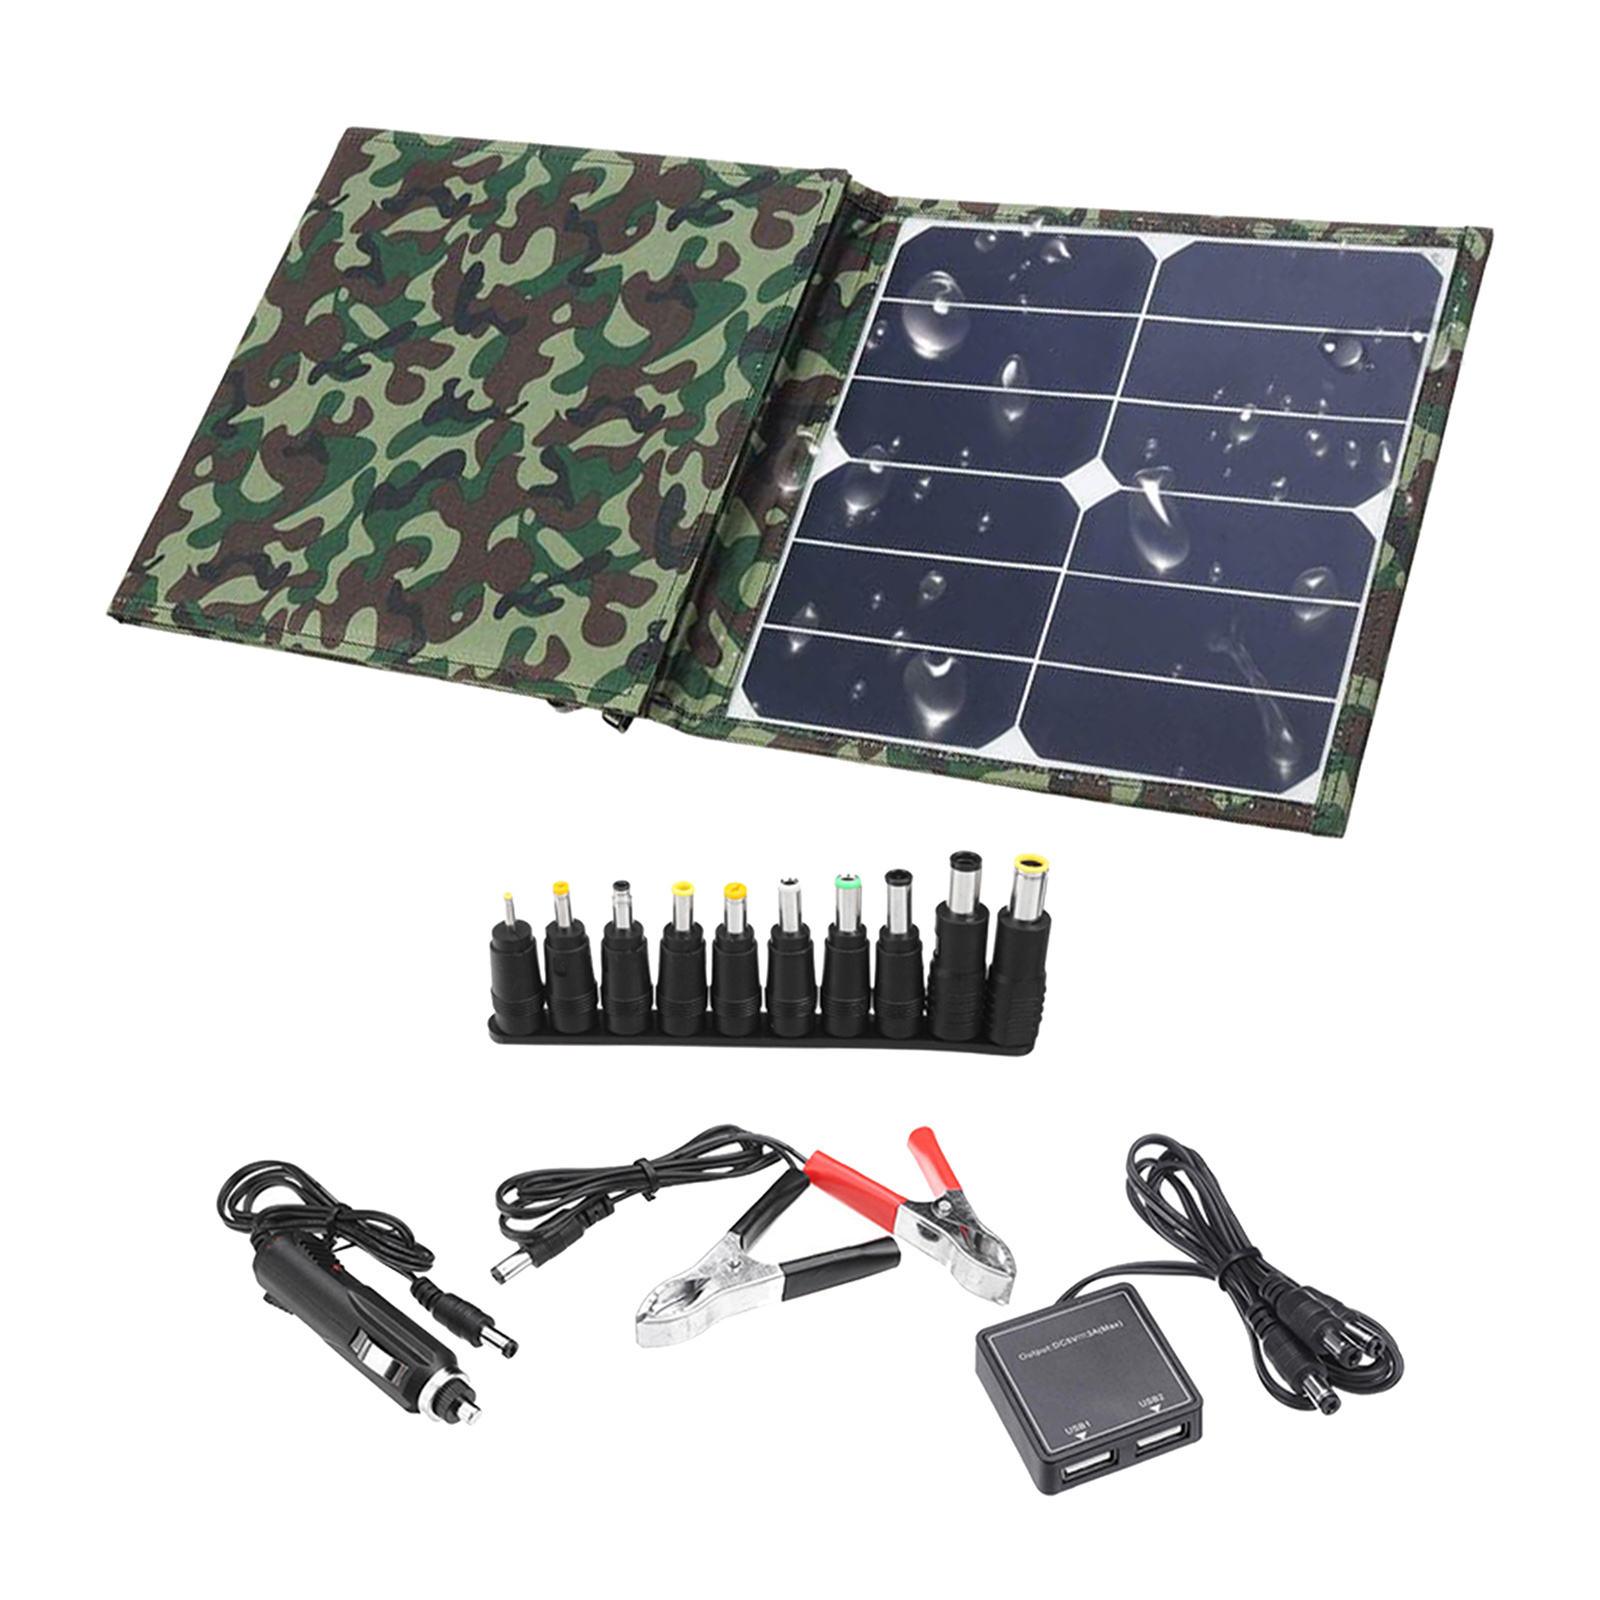 ألواح الطاقة الشمسية المحمولة 100 واط SunPower الألواح الشمسية لوحة شمسية قابلة للطي للسفر التخييم في الهواء الطلق